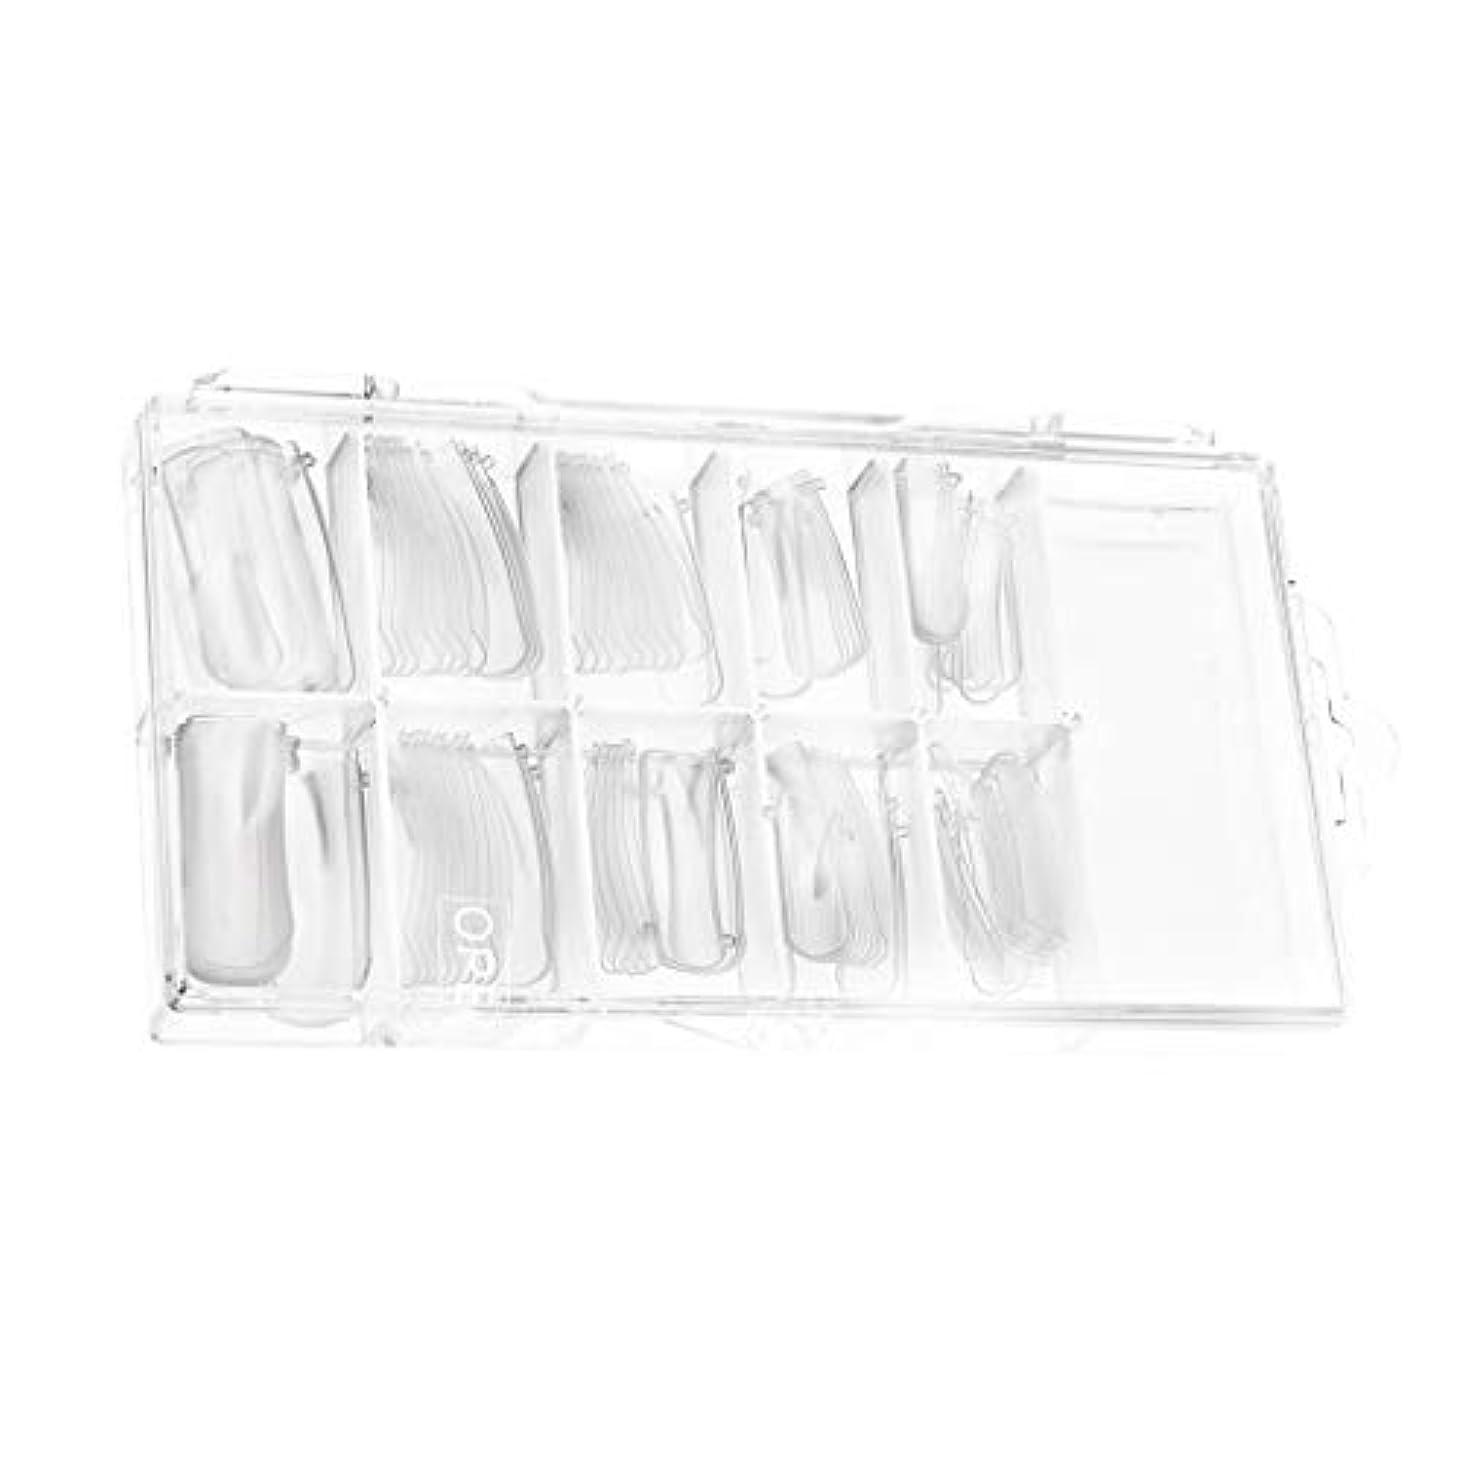 吸う死の顎落胆するたくさん100棺ネイルクリアバレリーナネイルのヒントロングフルカバーアクリルネイル個人用または業務用(クリア)用10サイズ